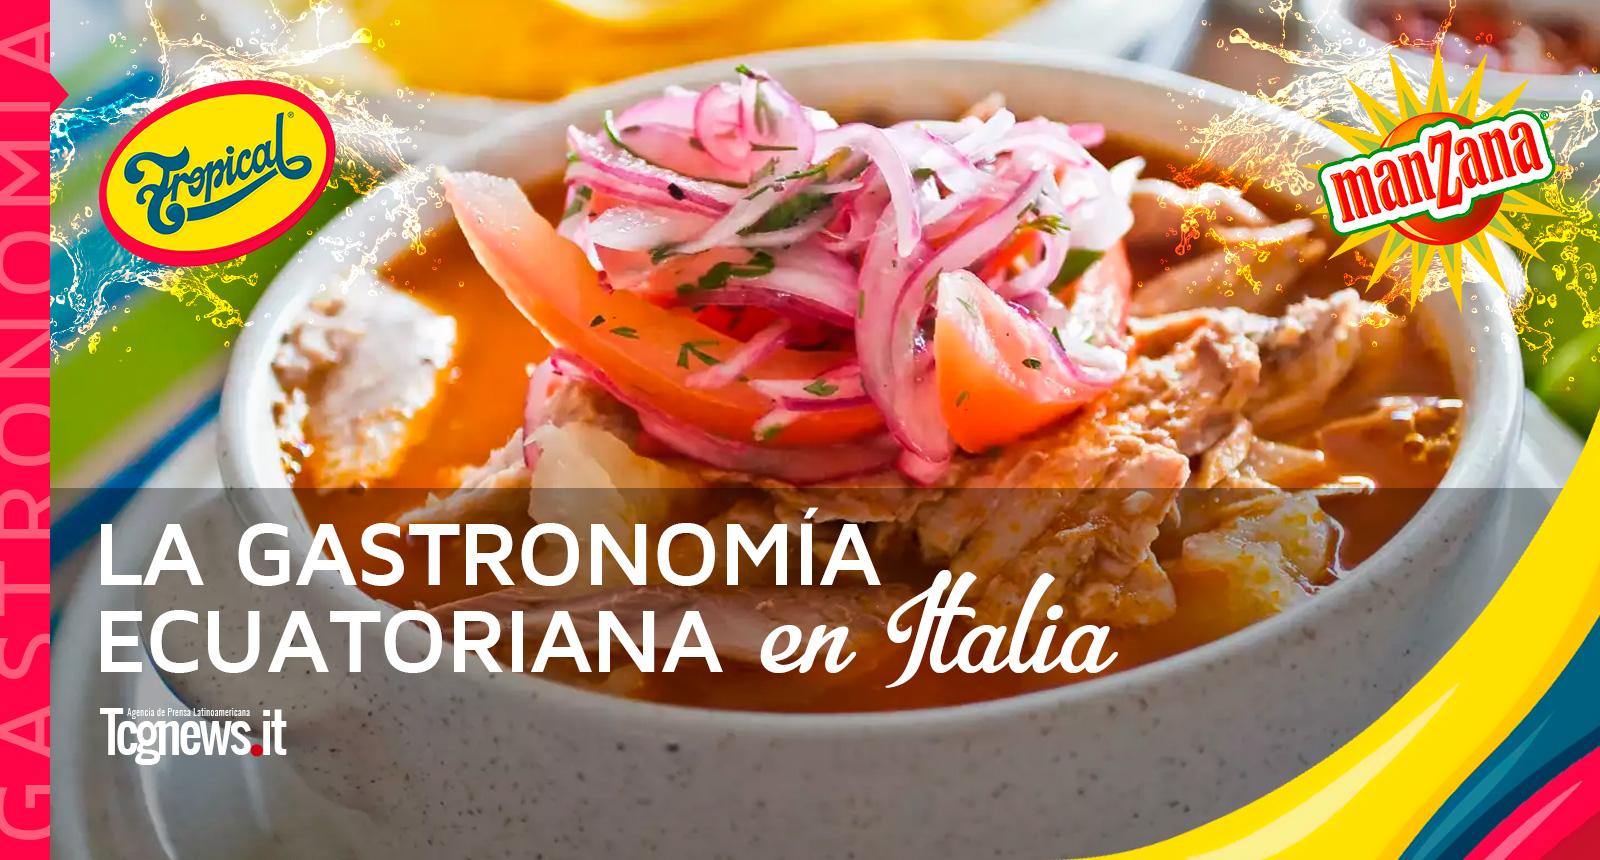 La gastronomía ecuatoriana en Italia